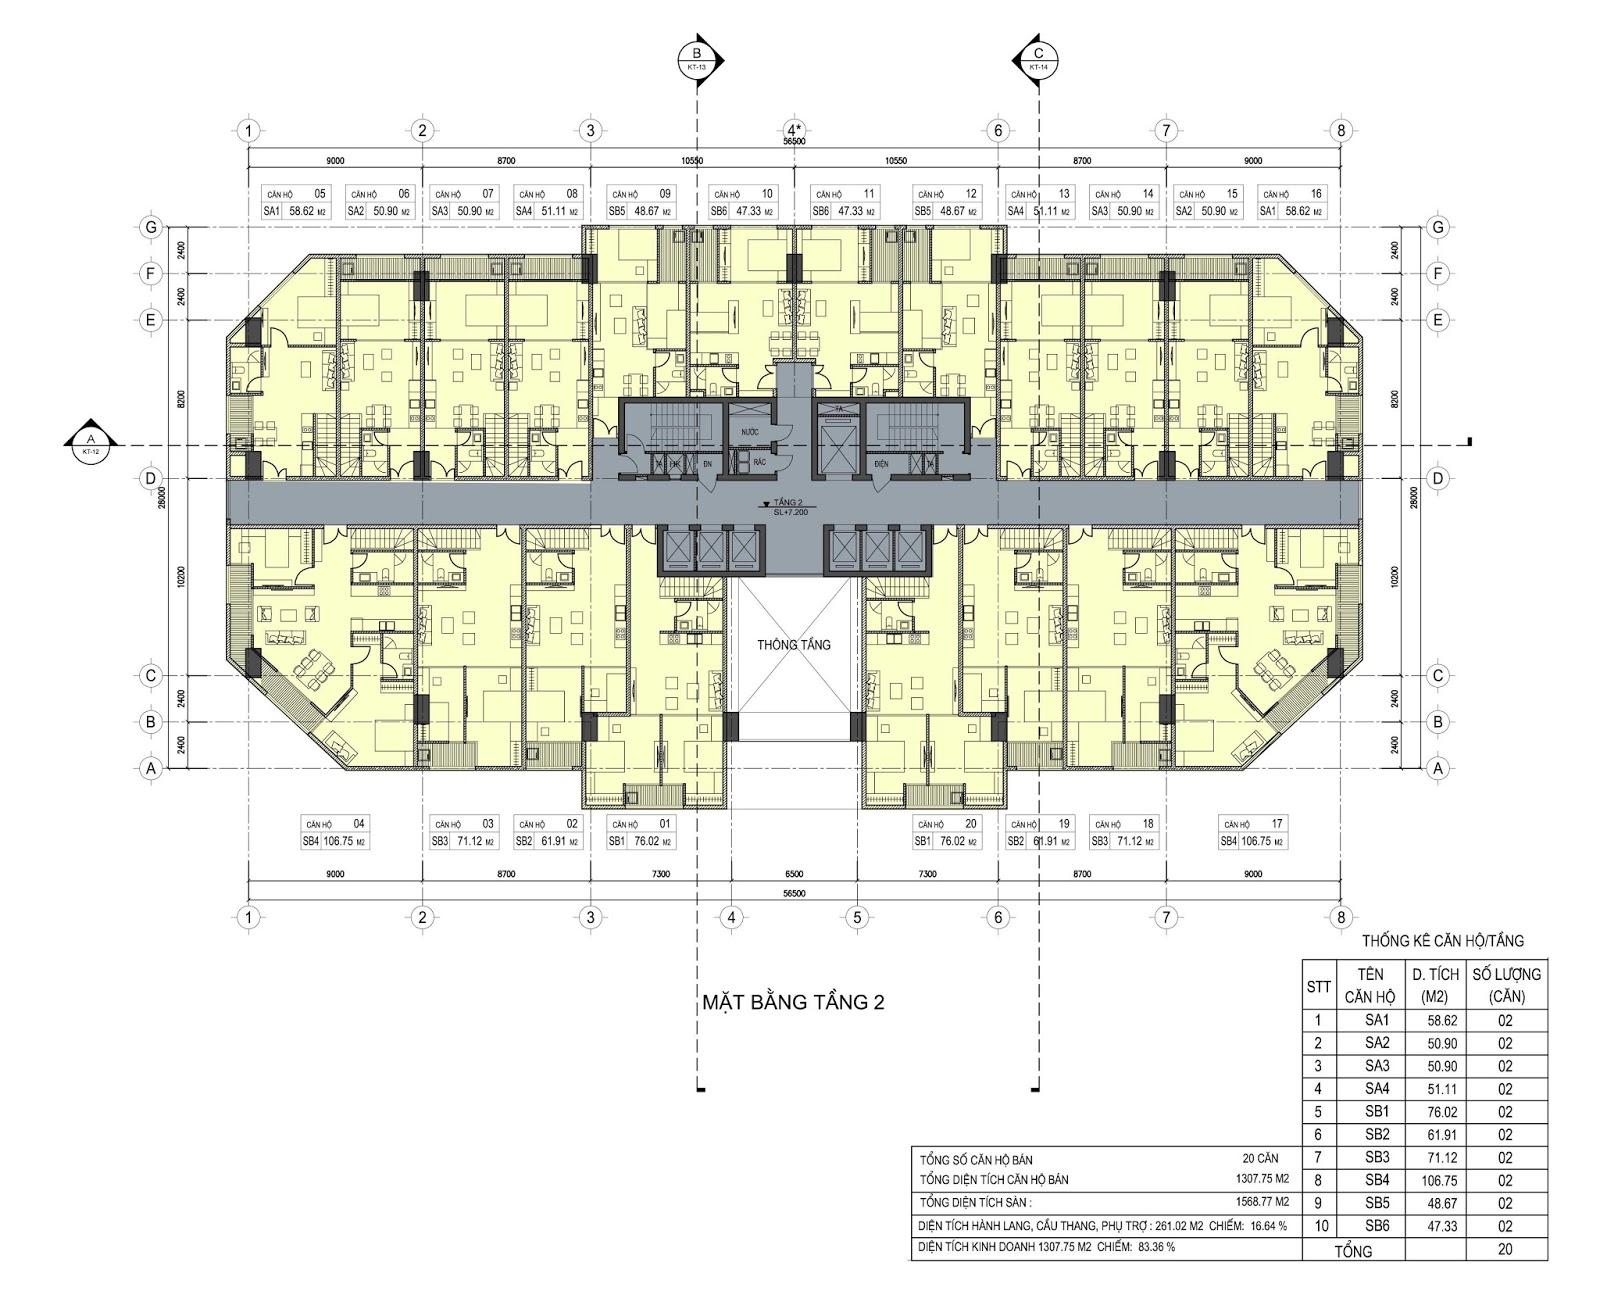 Mặt bằng tầng 2 dự án D'.el Dorado Phú Thanh Tân Hoàng Minh